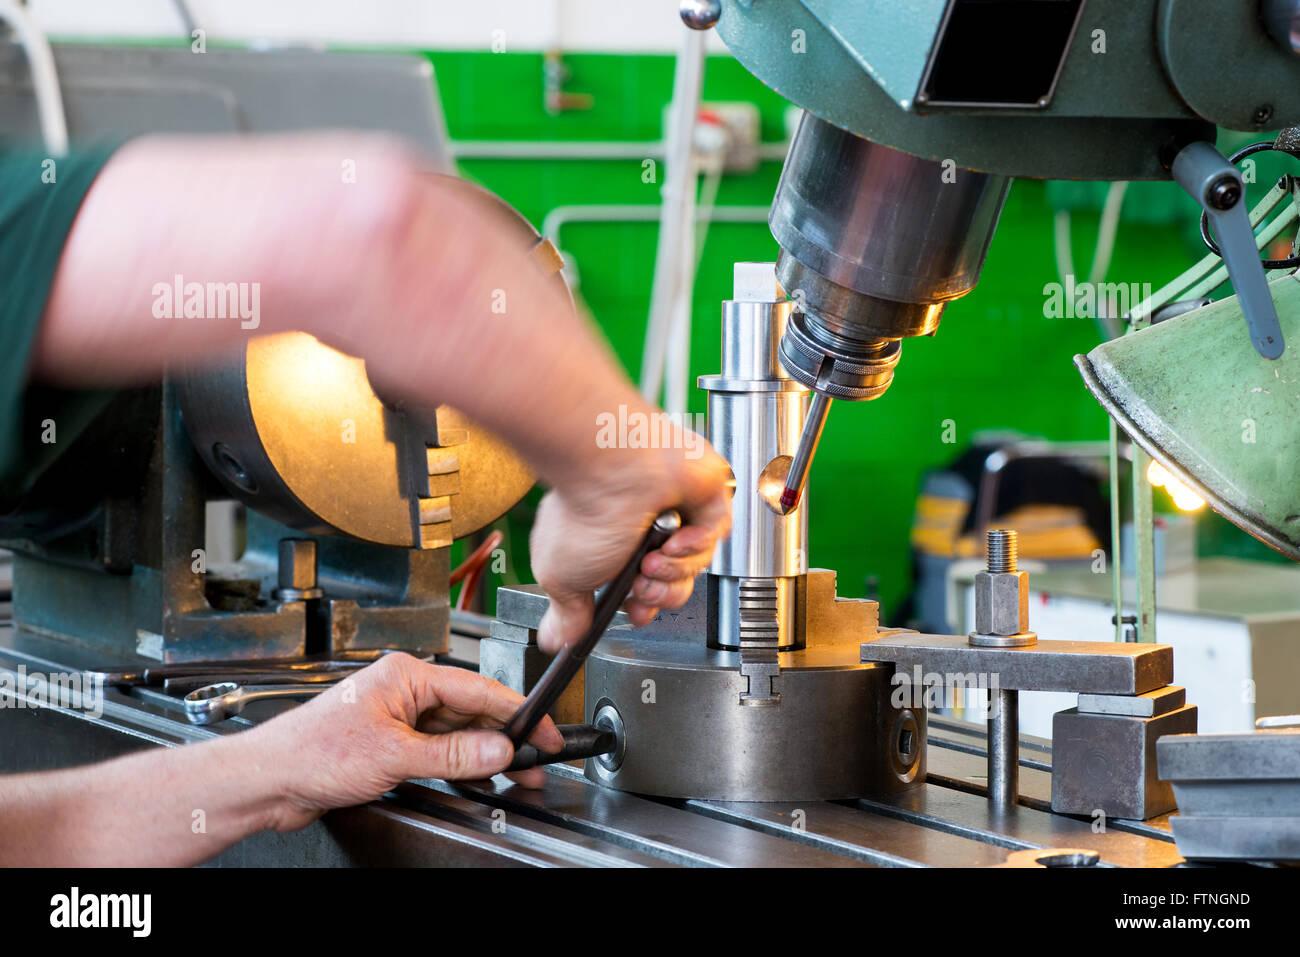 Vista ravvicinata dei bracci di un collare blu lavoratore lavora su macchinari industriali in una fabbrica di macchine Immagini Stock